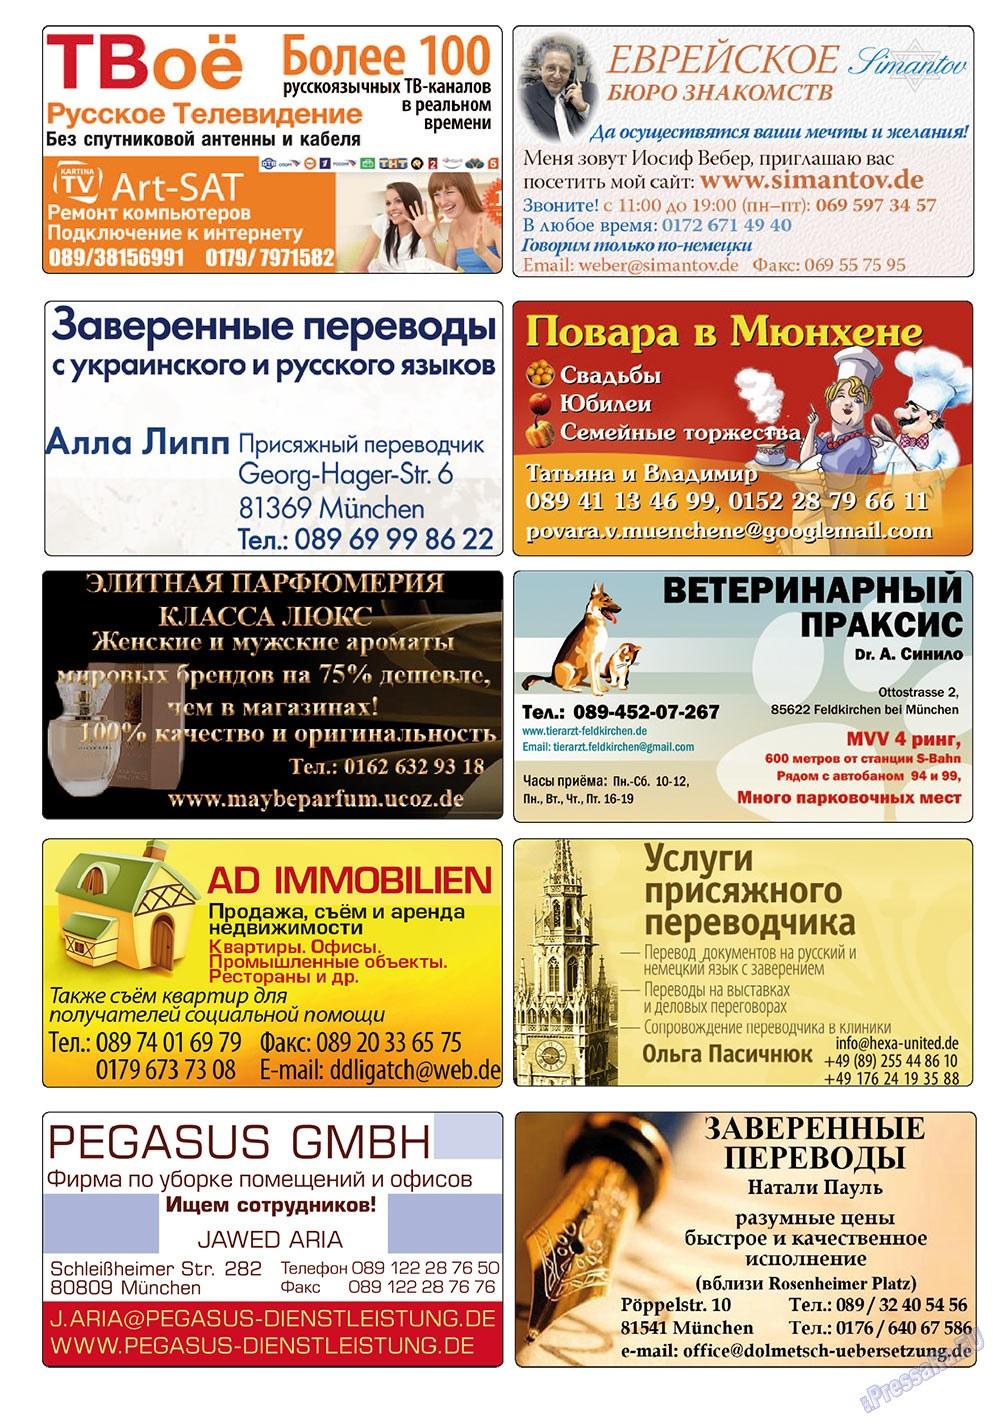 Апельсин (журнал). 2011 год, номер 23, стр. 34